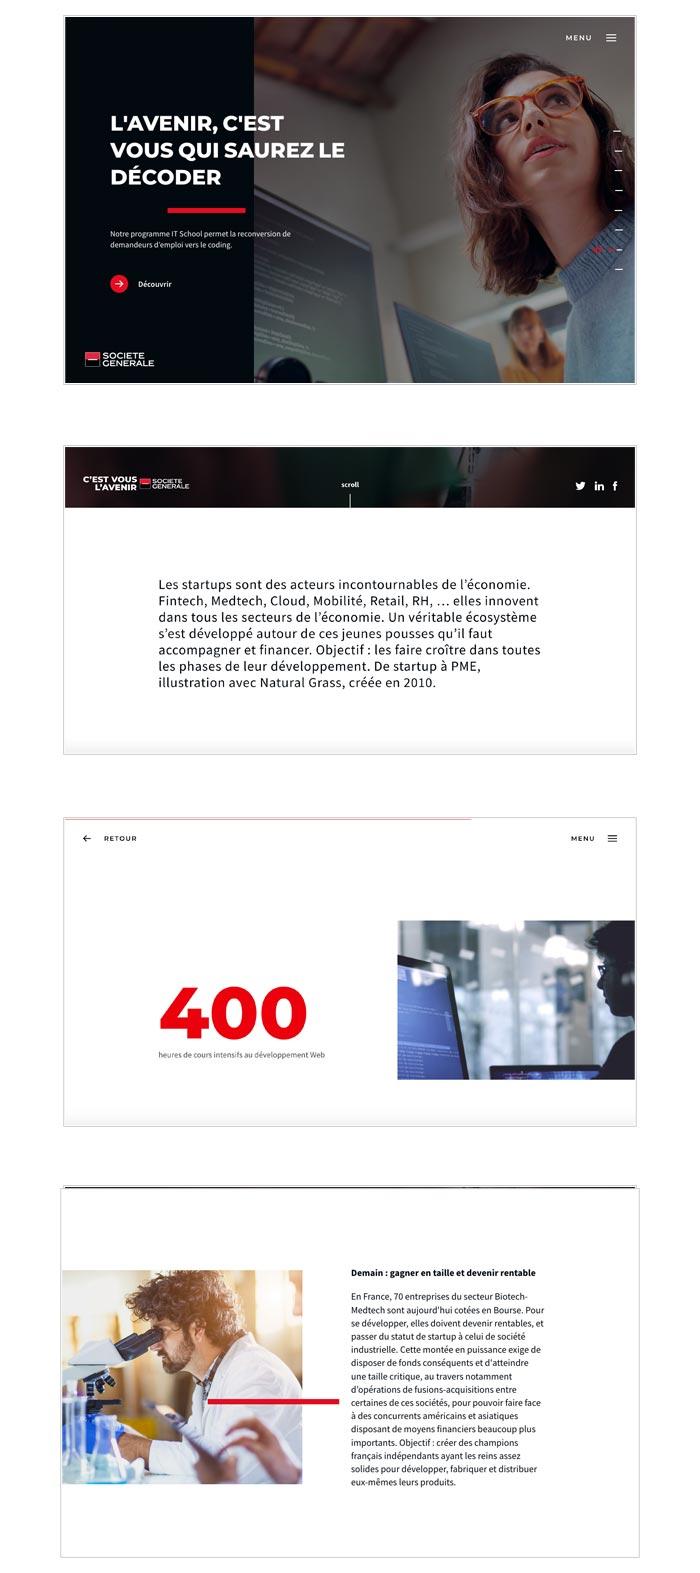 site web éphémère pour lancement d'une nouvelle signature